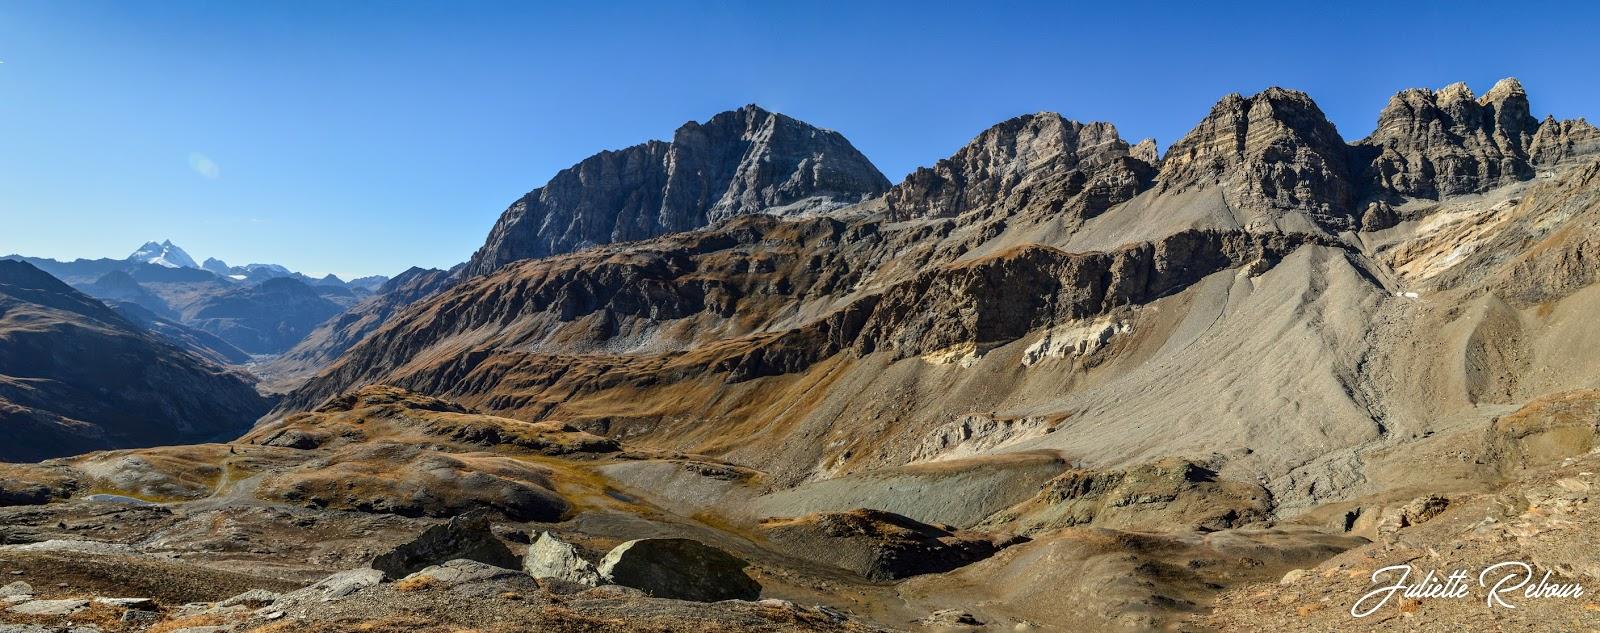 Paysage du Parc National de la Vanoise